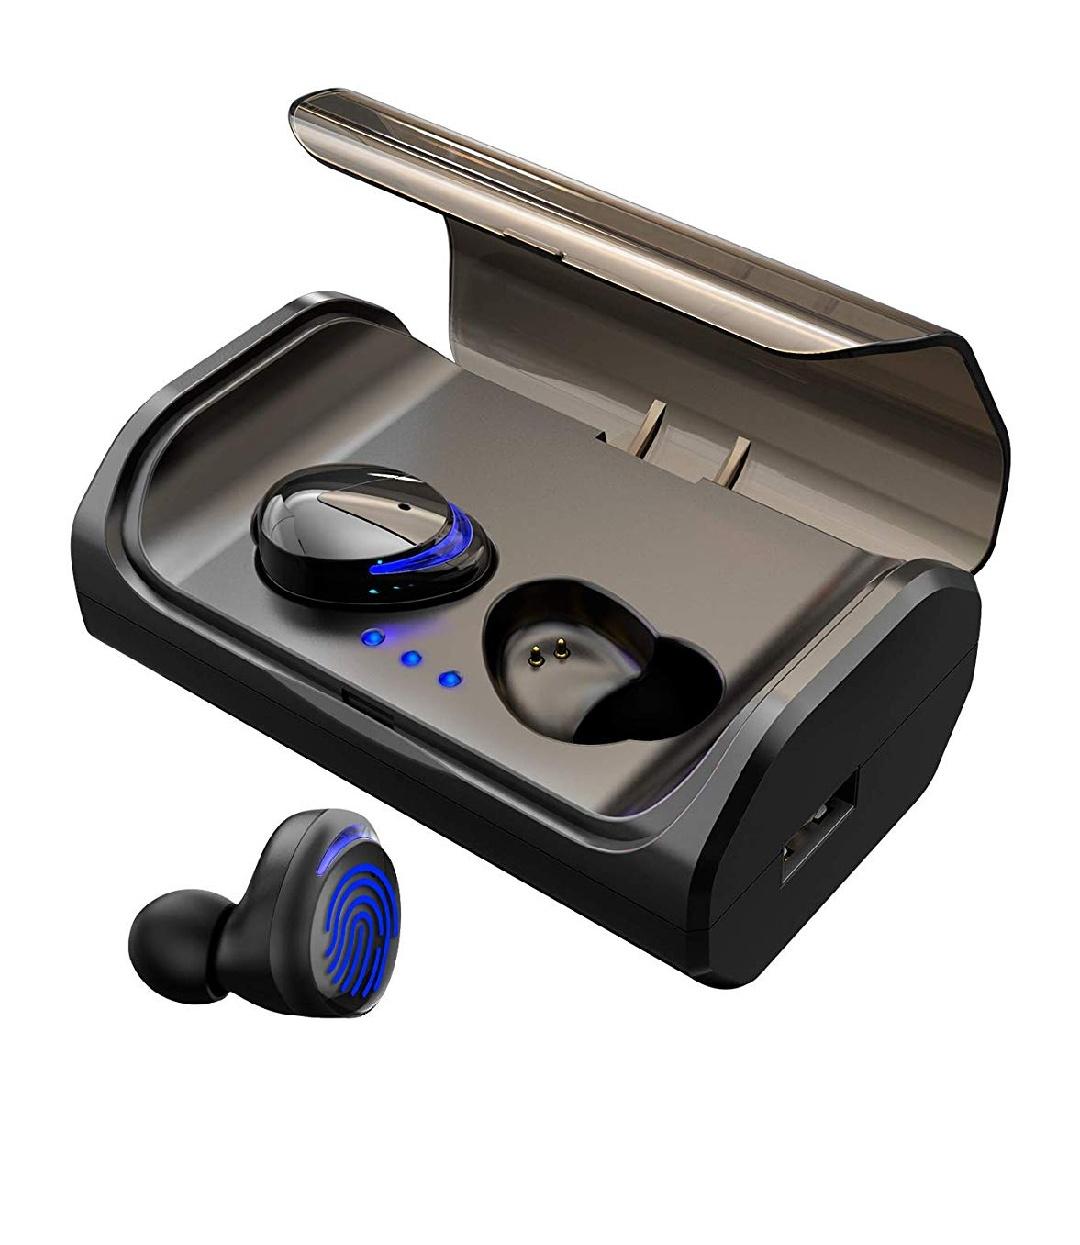 Słuchawki HolyHigh bezprzewodowe , Bluetooth 5.0 z baterią 3000 mAh, czas odtwarzania 120 godzin IPX6, wodoszczelny mikrofon